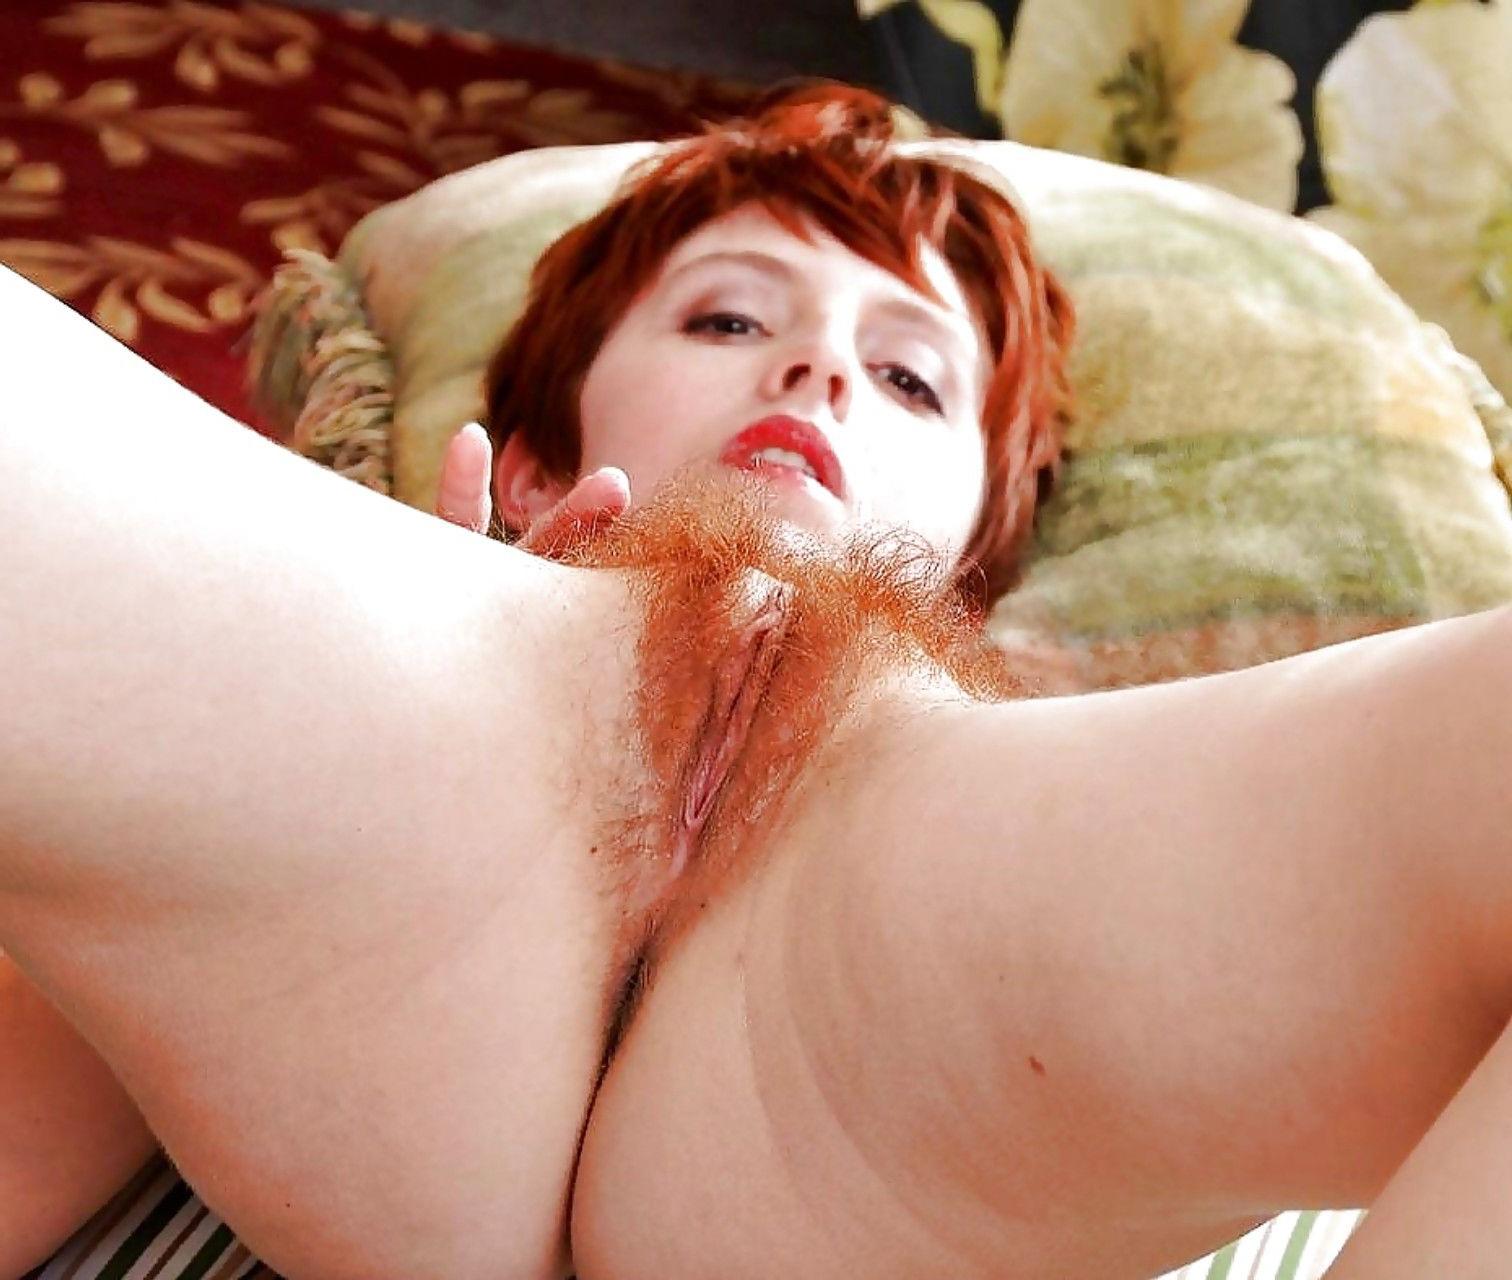 старые рыжие волосатые пизды порно фильмы смотреть человека чей переходный